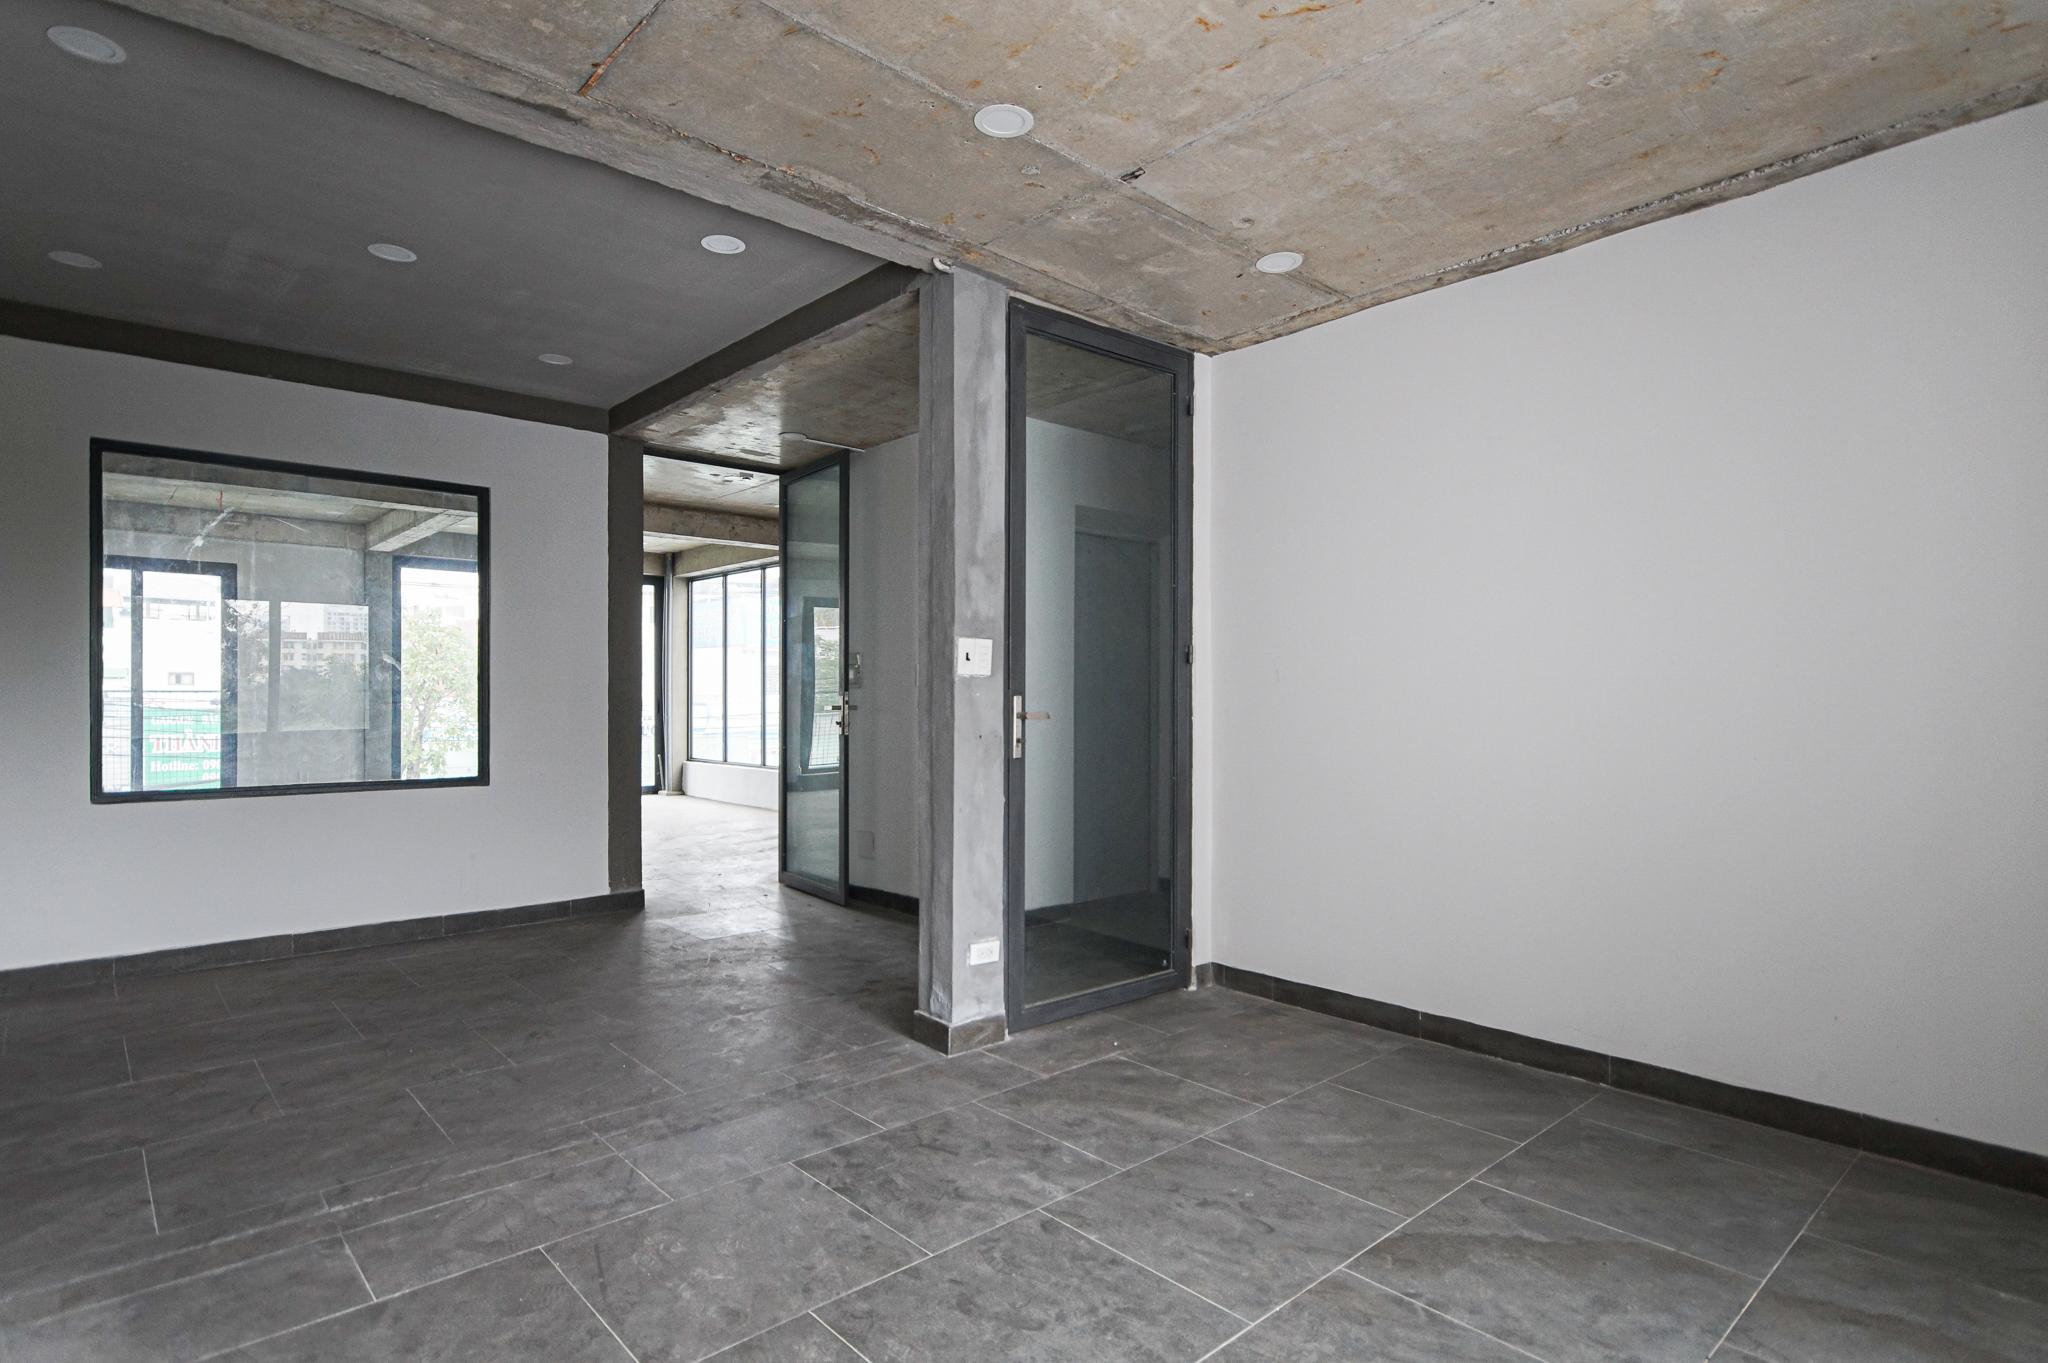 Cho Thuê Văn Phòng Le Van Luong Office Building - Đầy Đủ Nội Thất & Tươi Sáng-2